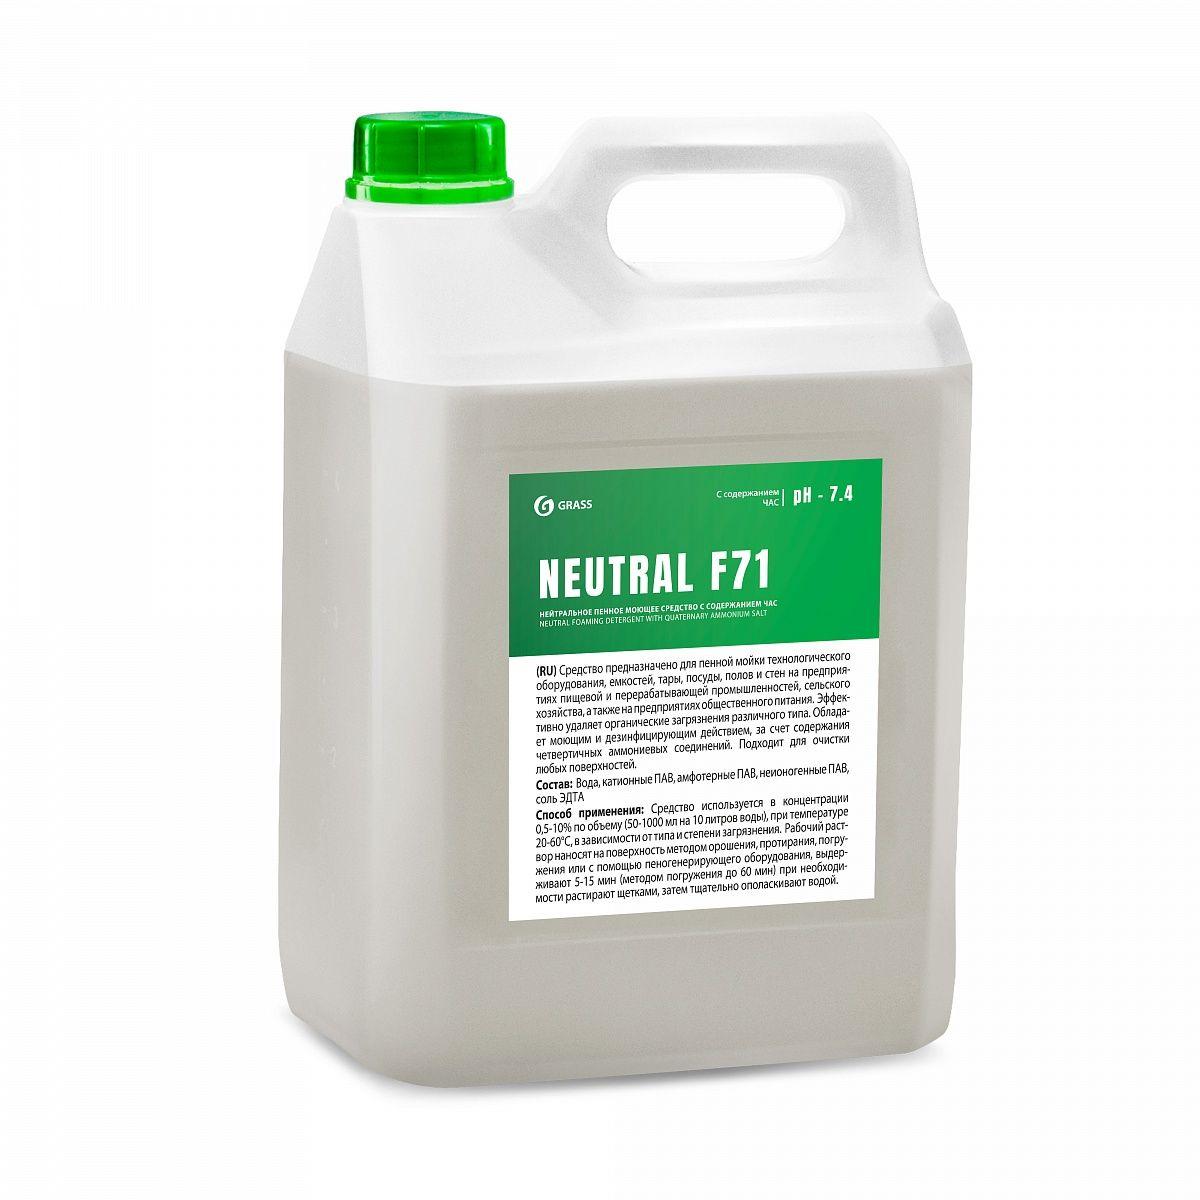 Нейтральное пенное моющее средство с содержанием ЧАС NEUTRAL F71 (канистра 5л)